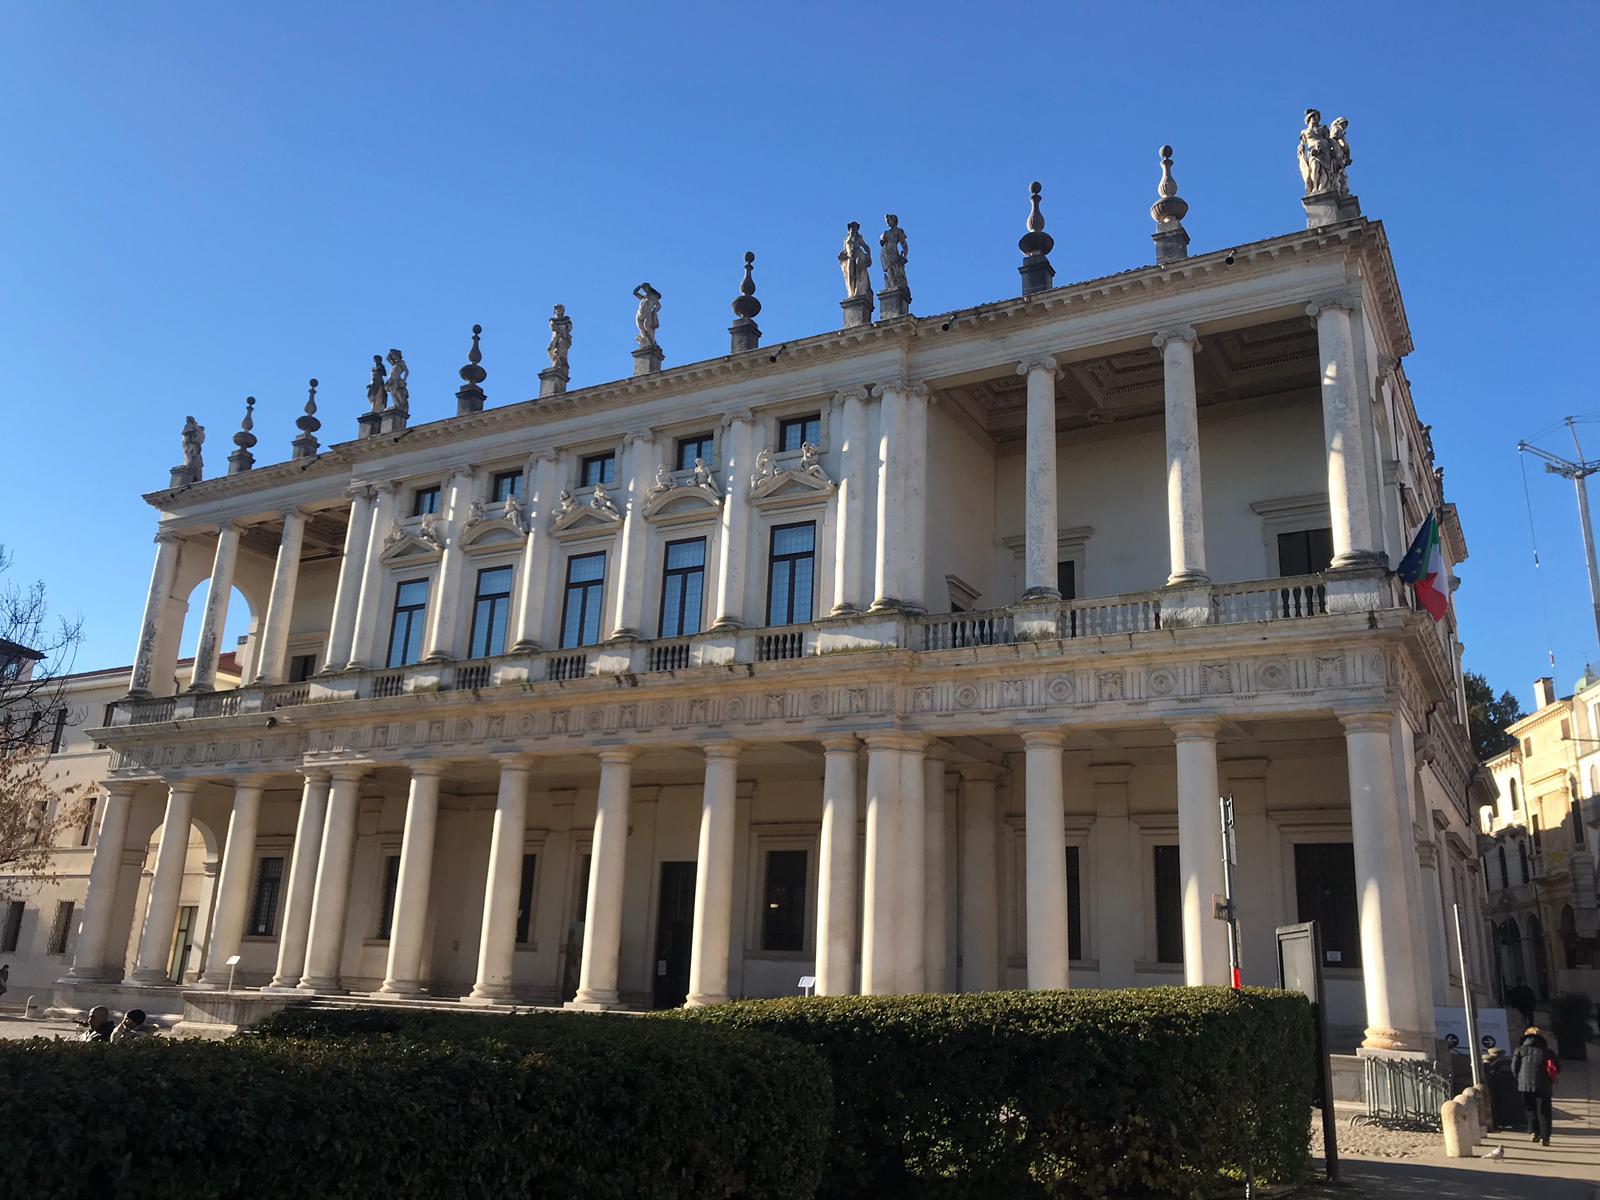 Palazzo Chiericati, la pinacoteca civica di Vicenza